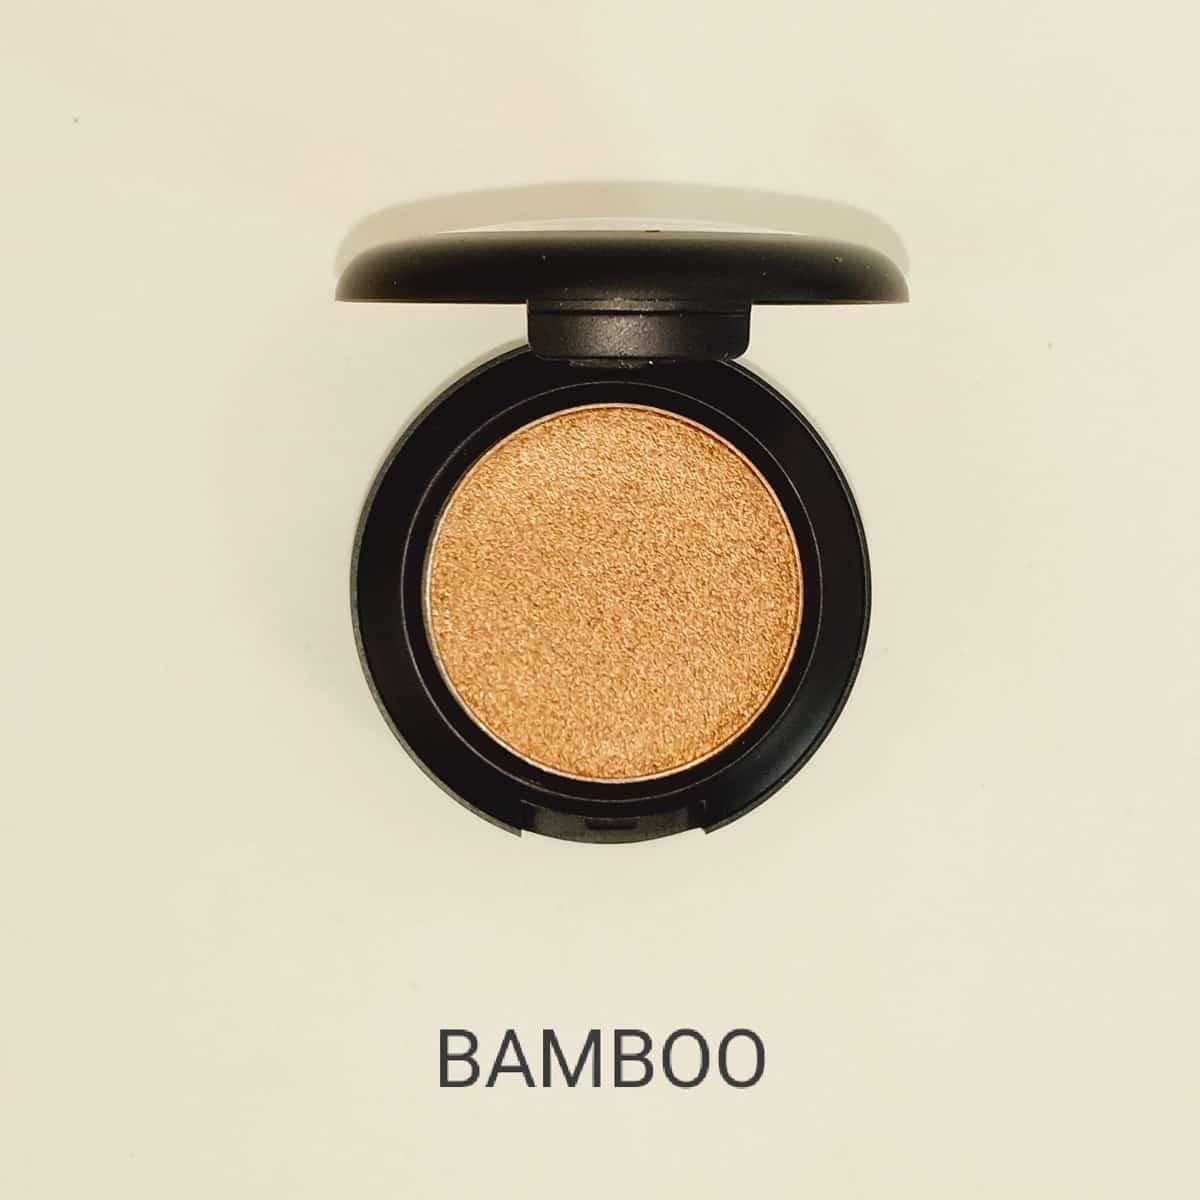 Bamboo-min